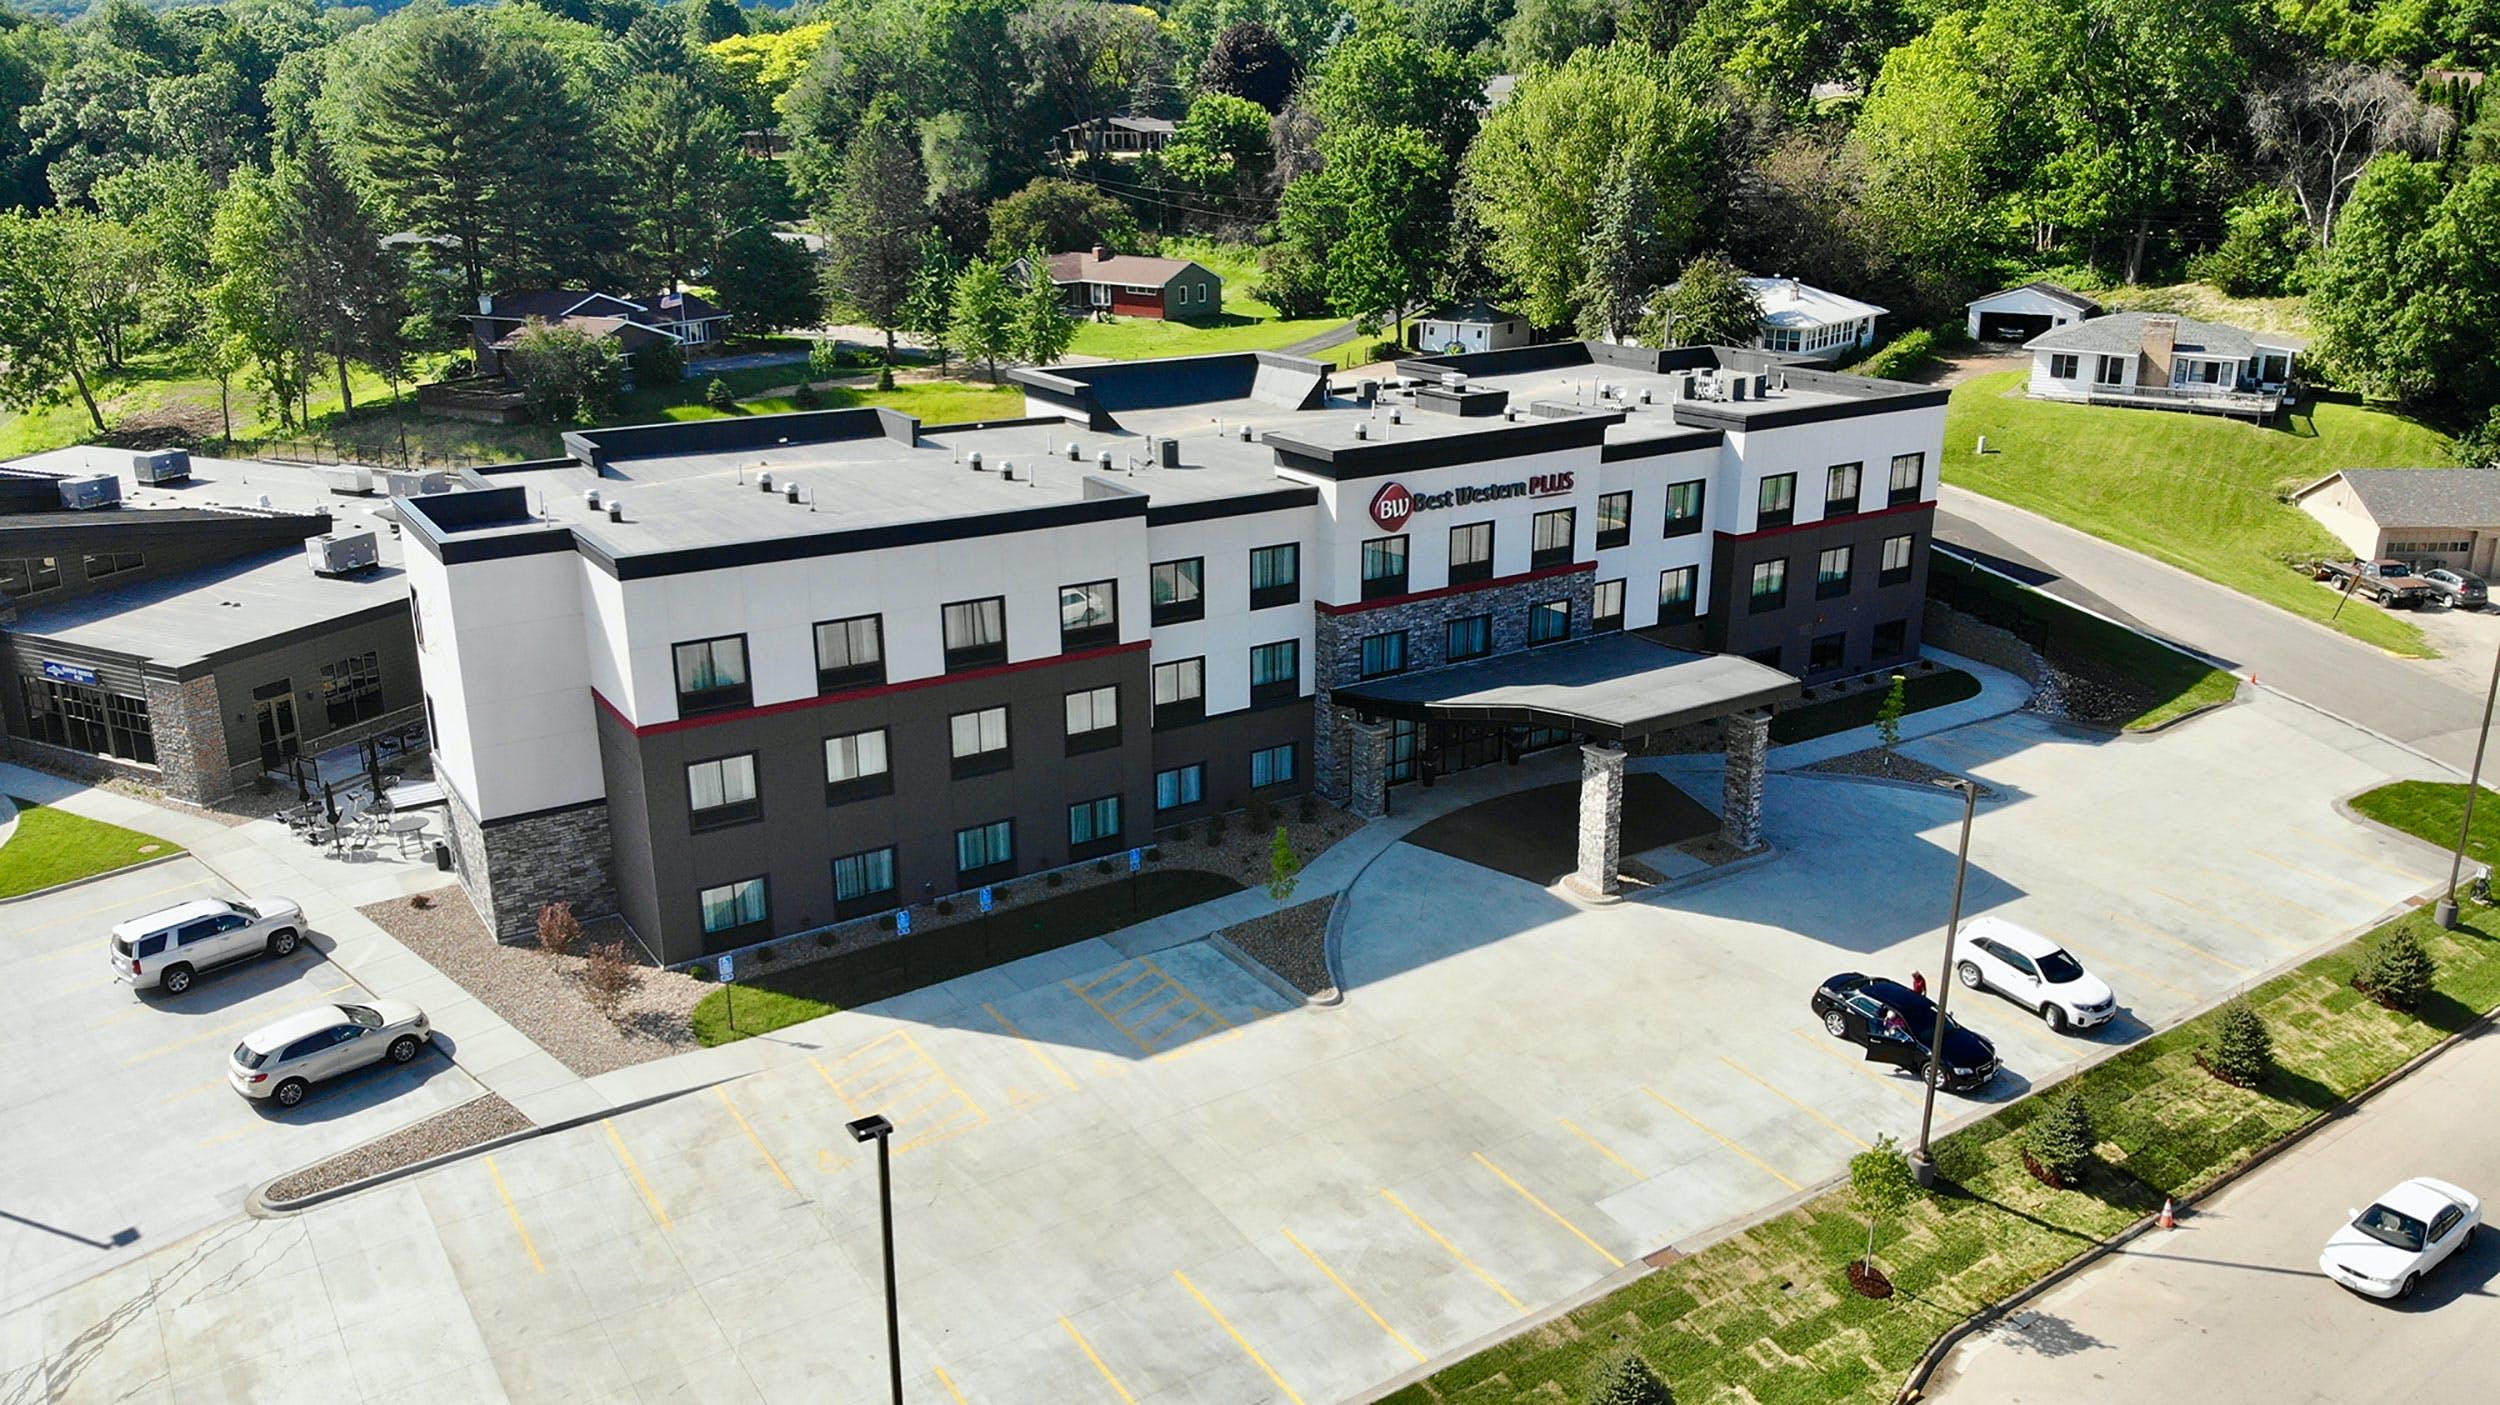 Best Western Plus, La Cescent, MN -Aerial View